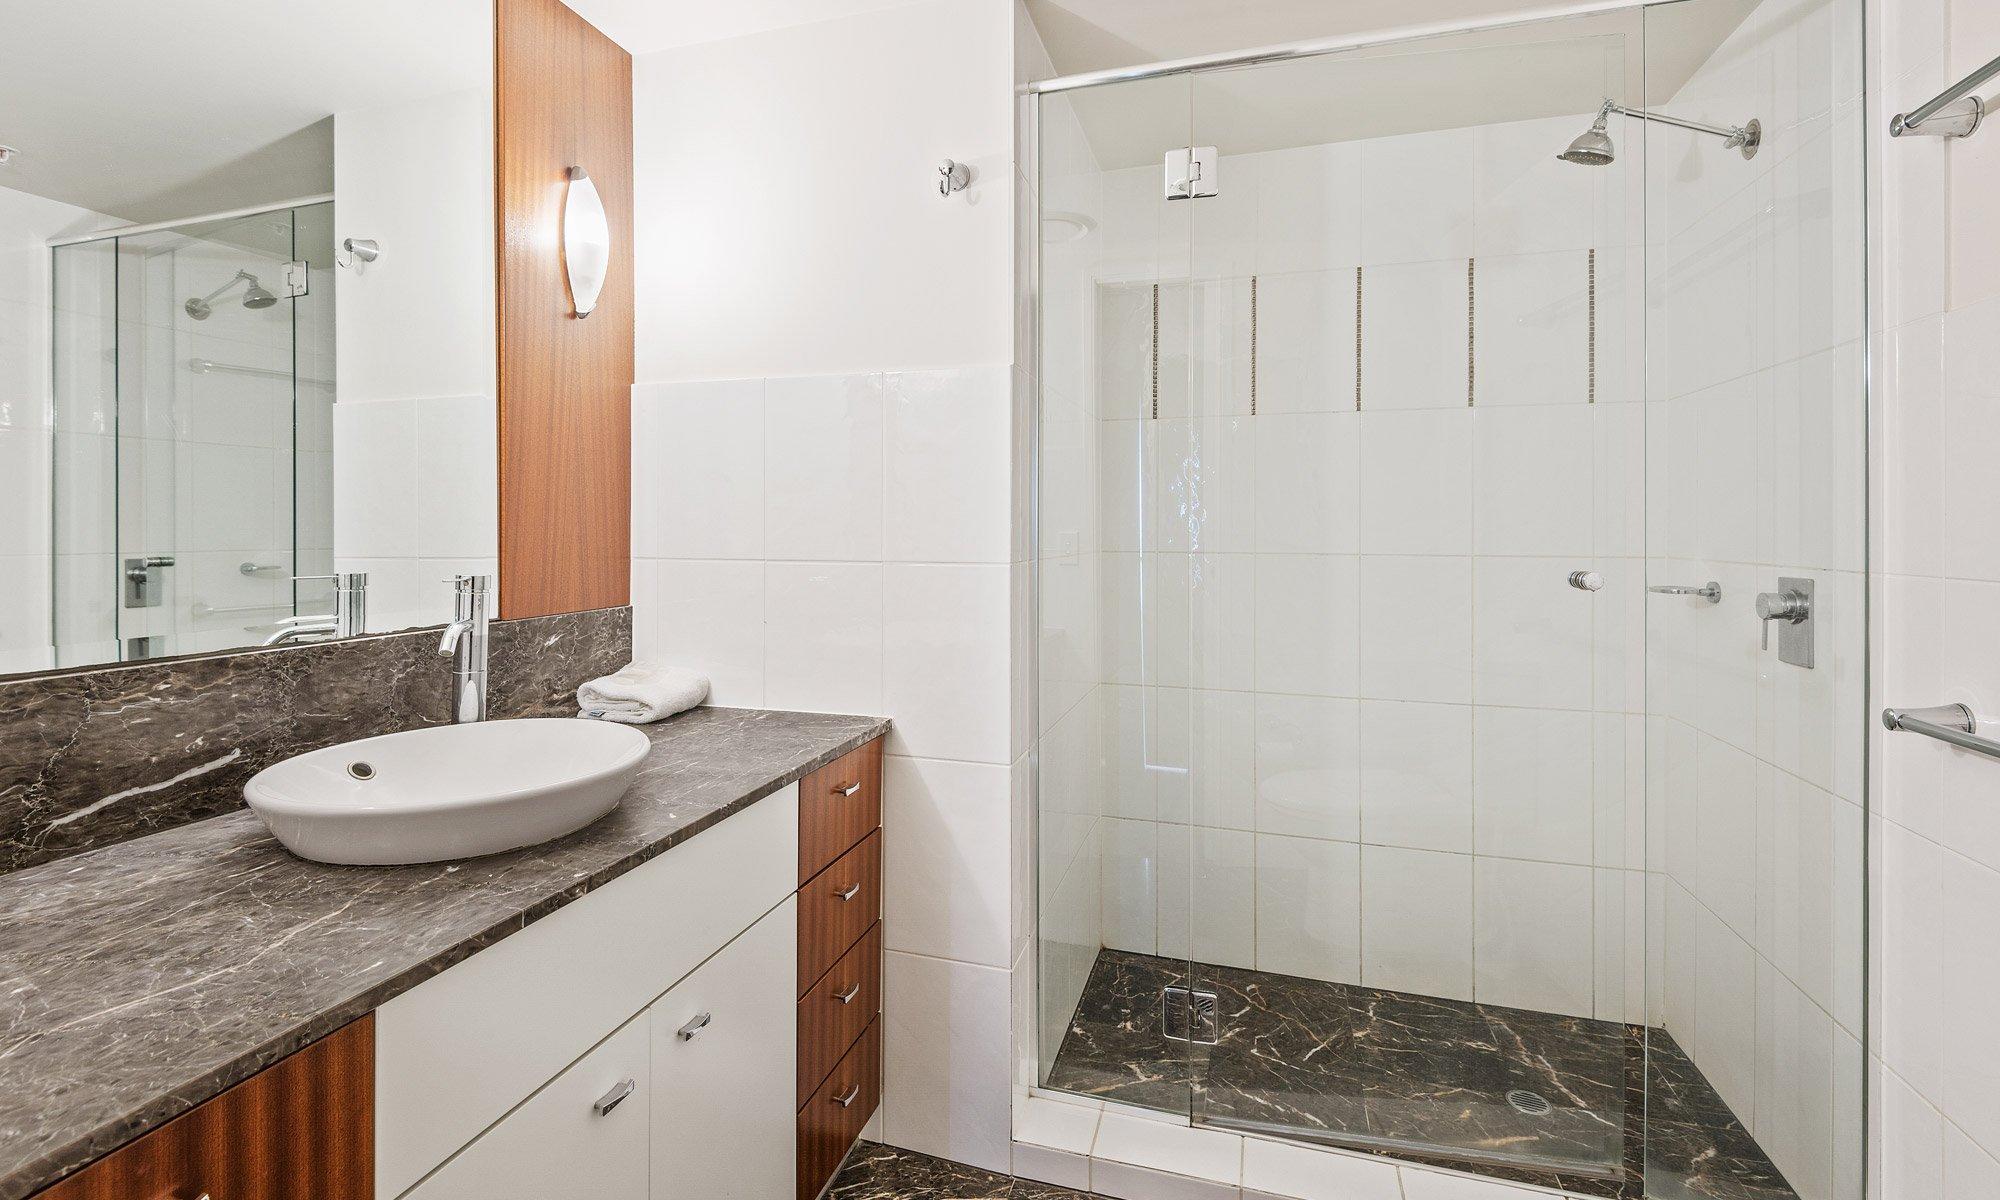 Gold Coast real estate for sale Chevron Renaissance 1264 ensuite bathroom